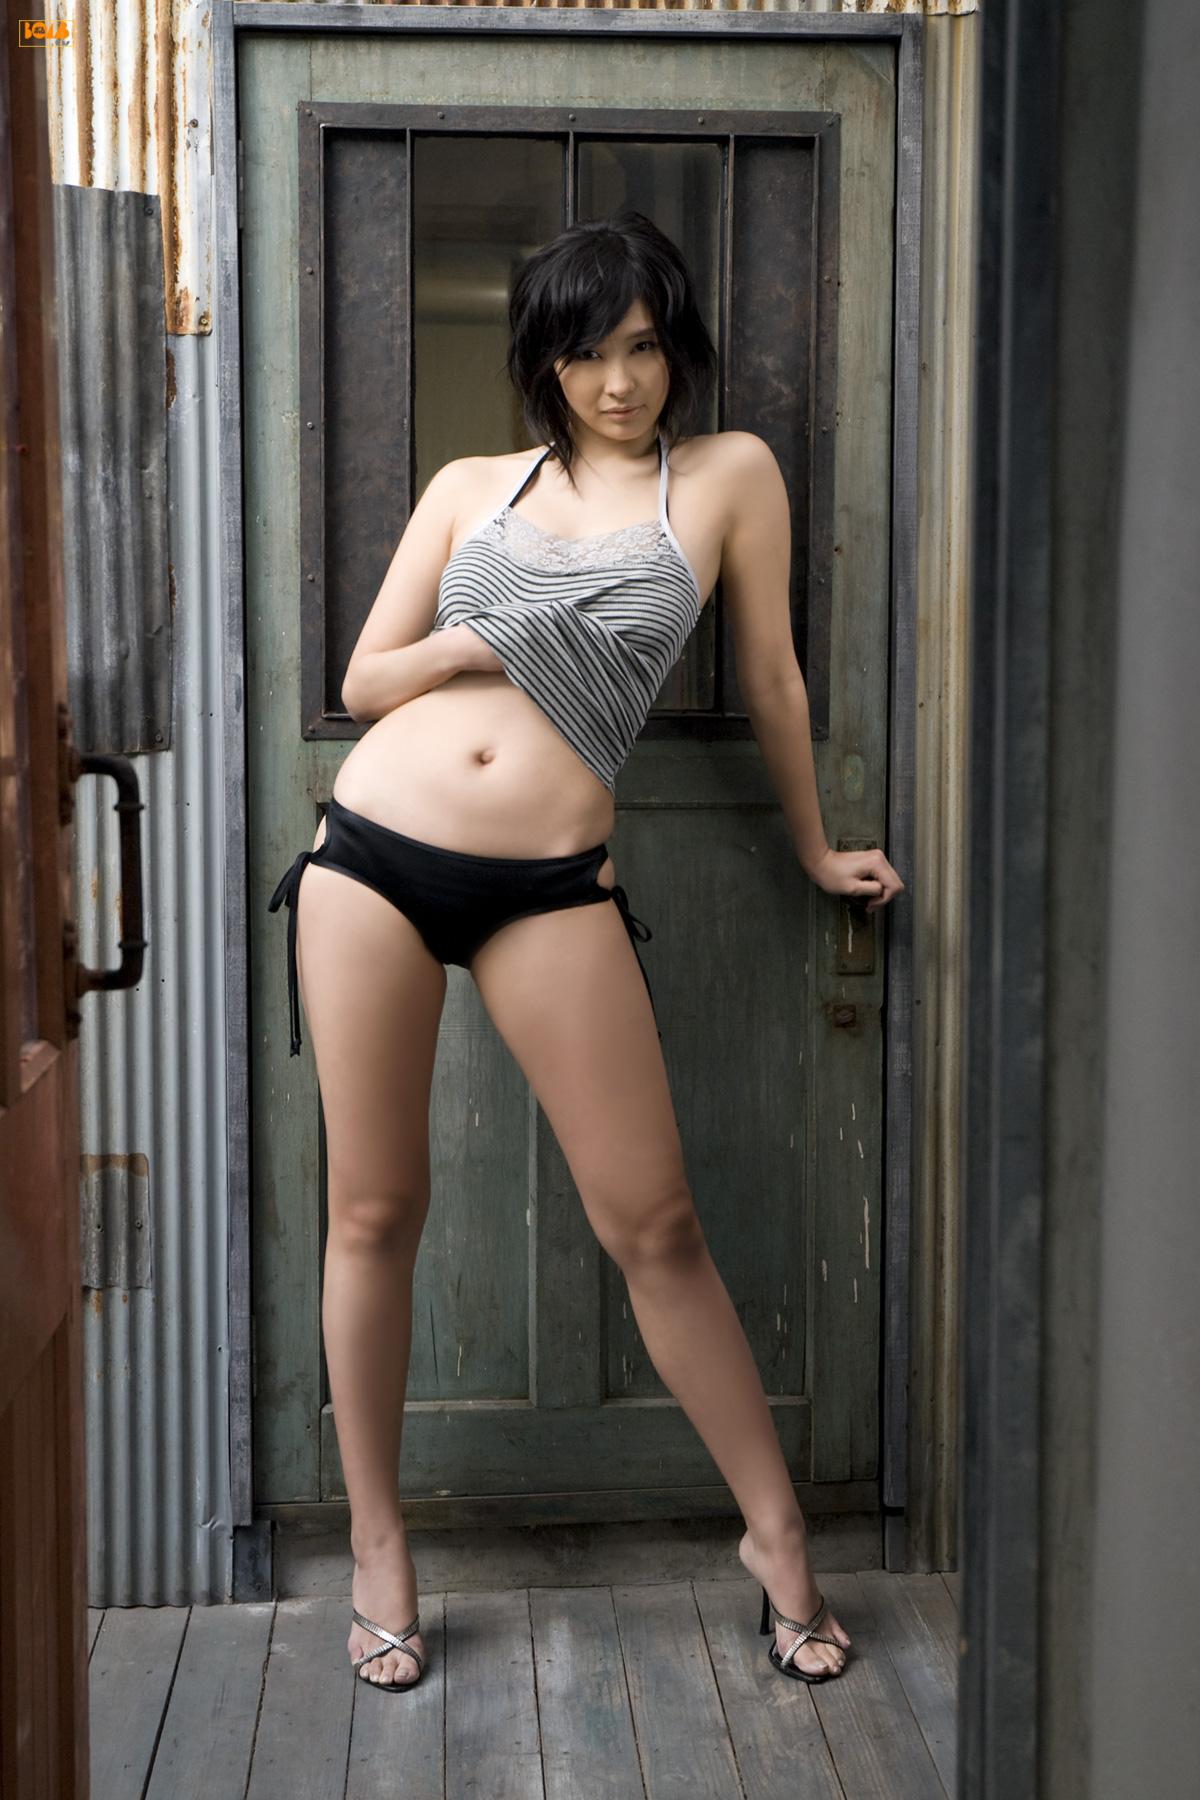 [Bomb.tv] Mami Yamasaki (2008.05) [35p/13MB]Real Street Angels